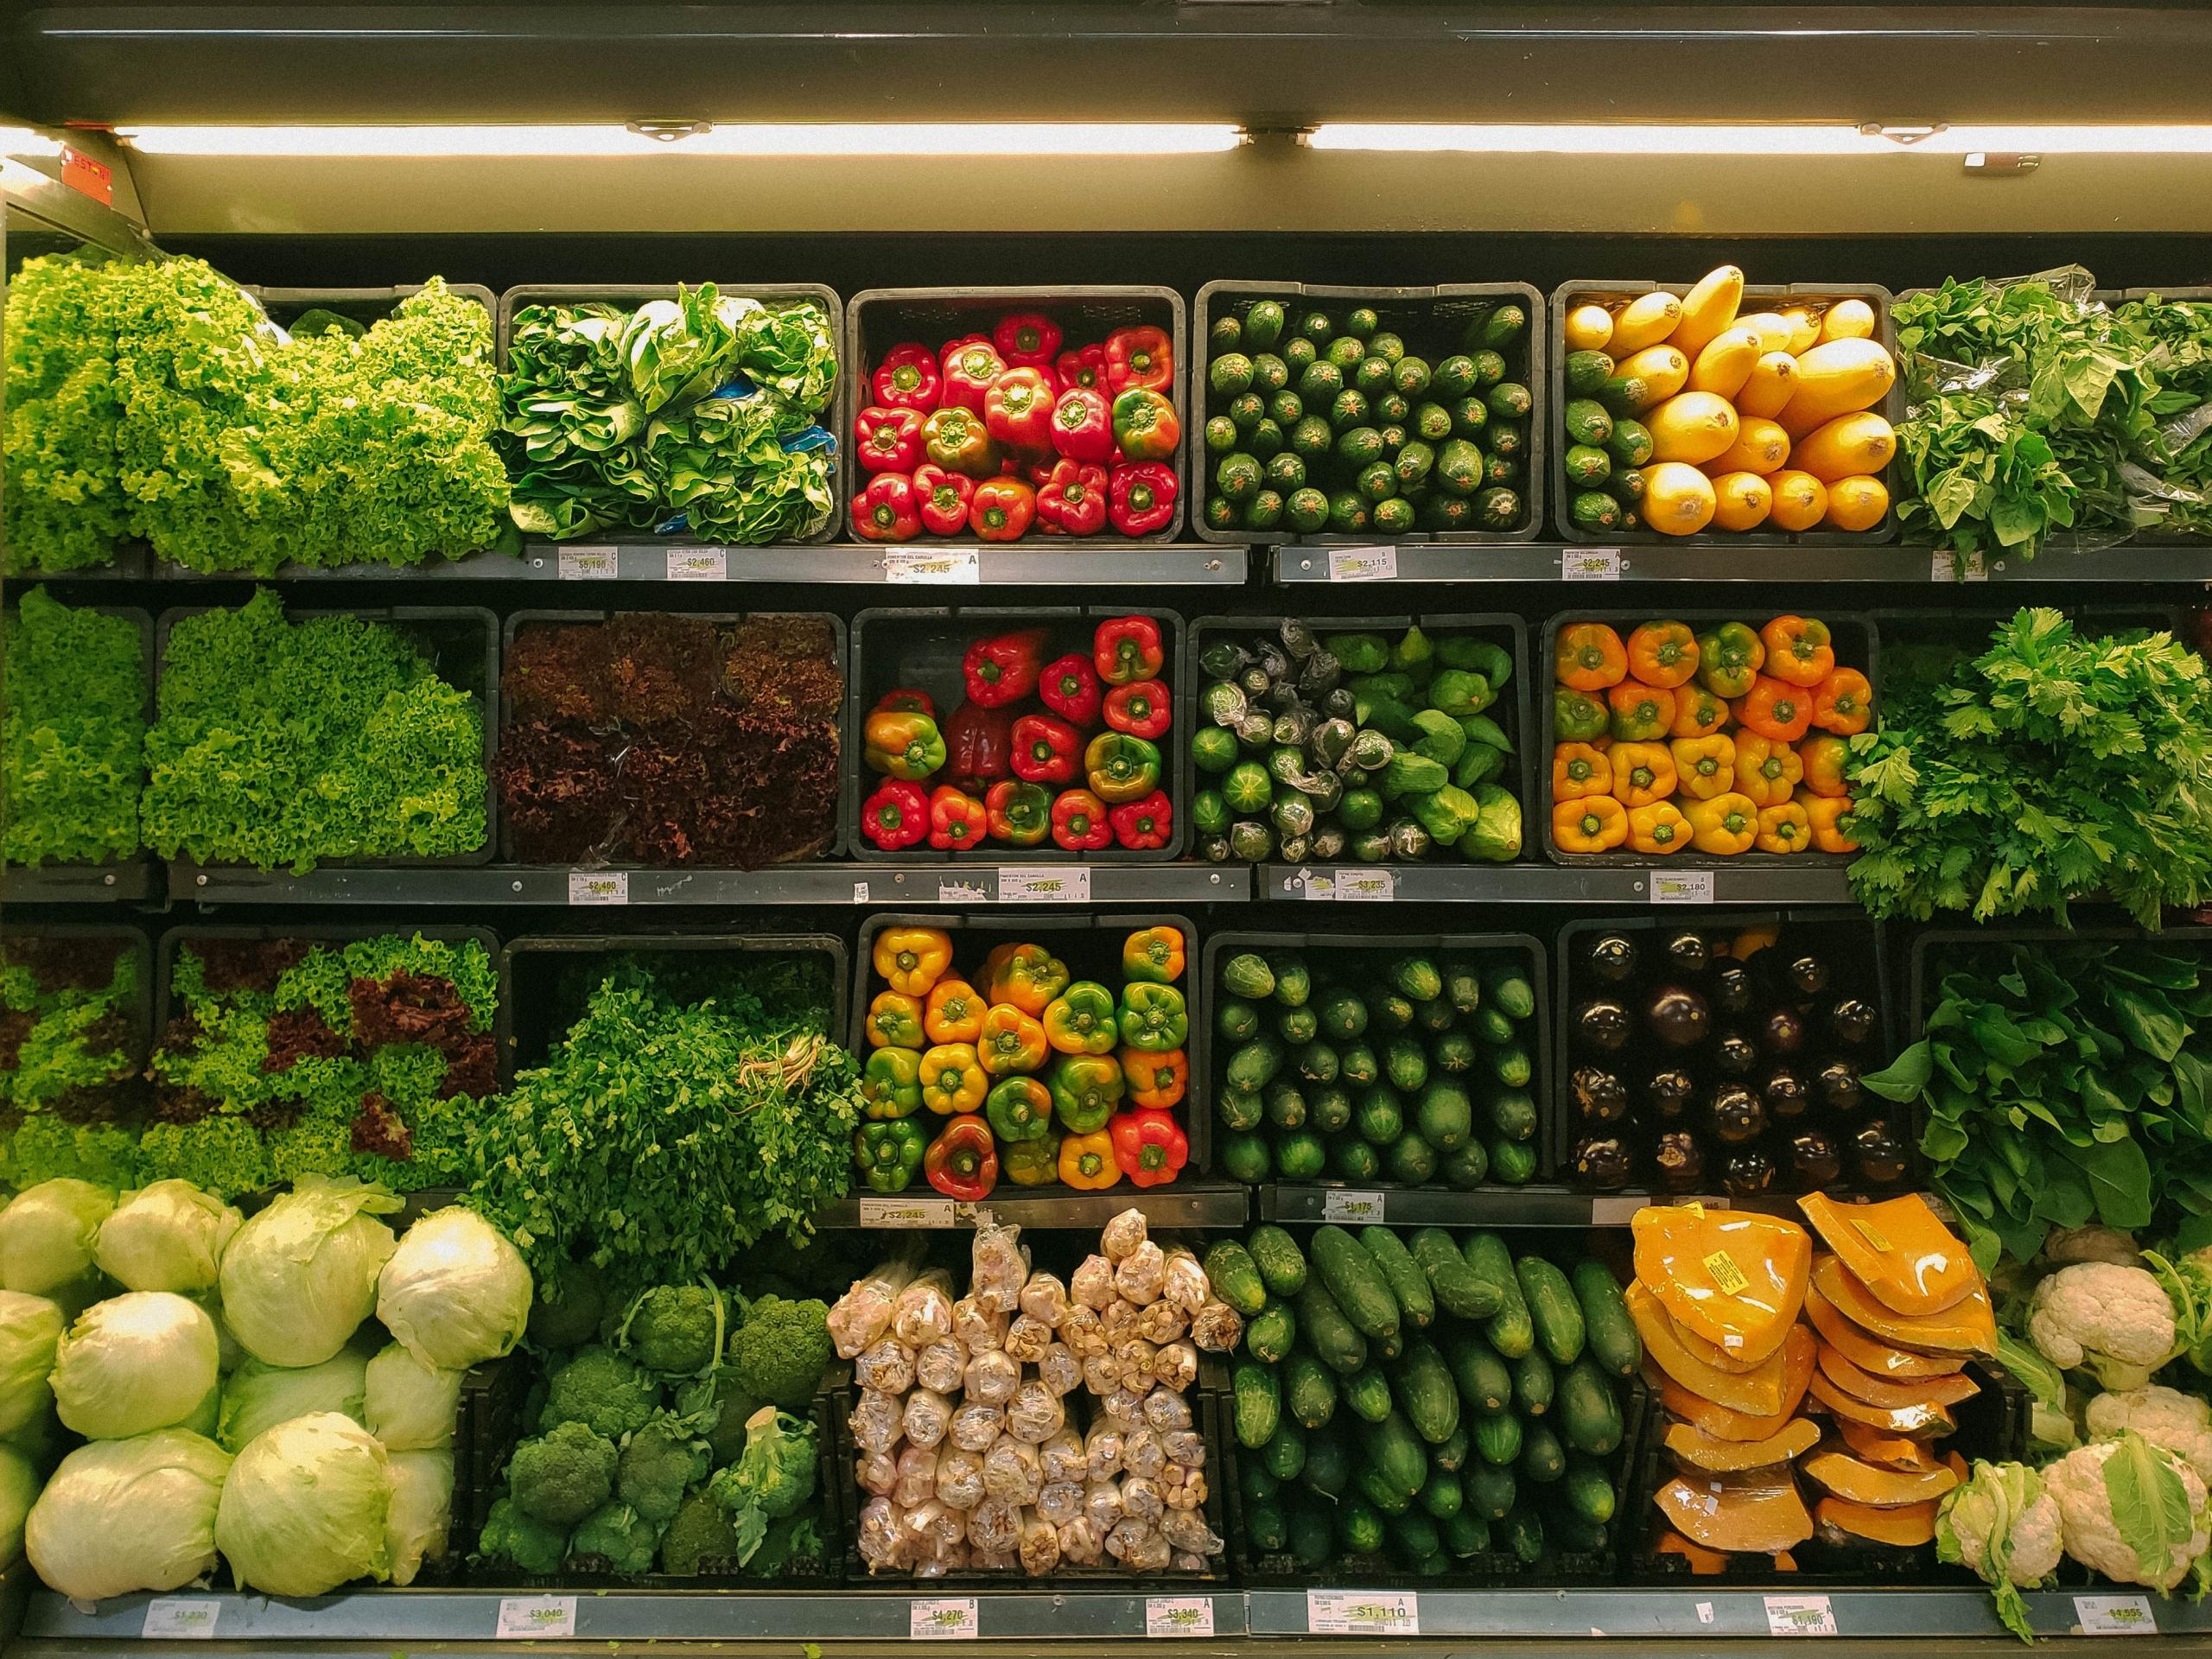 Táplálkozás tudományi szakemberek pontosan kiszámolták, hogy mit és mennyit (v)egyél élelmiszerekből karantén idején